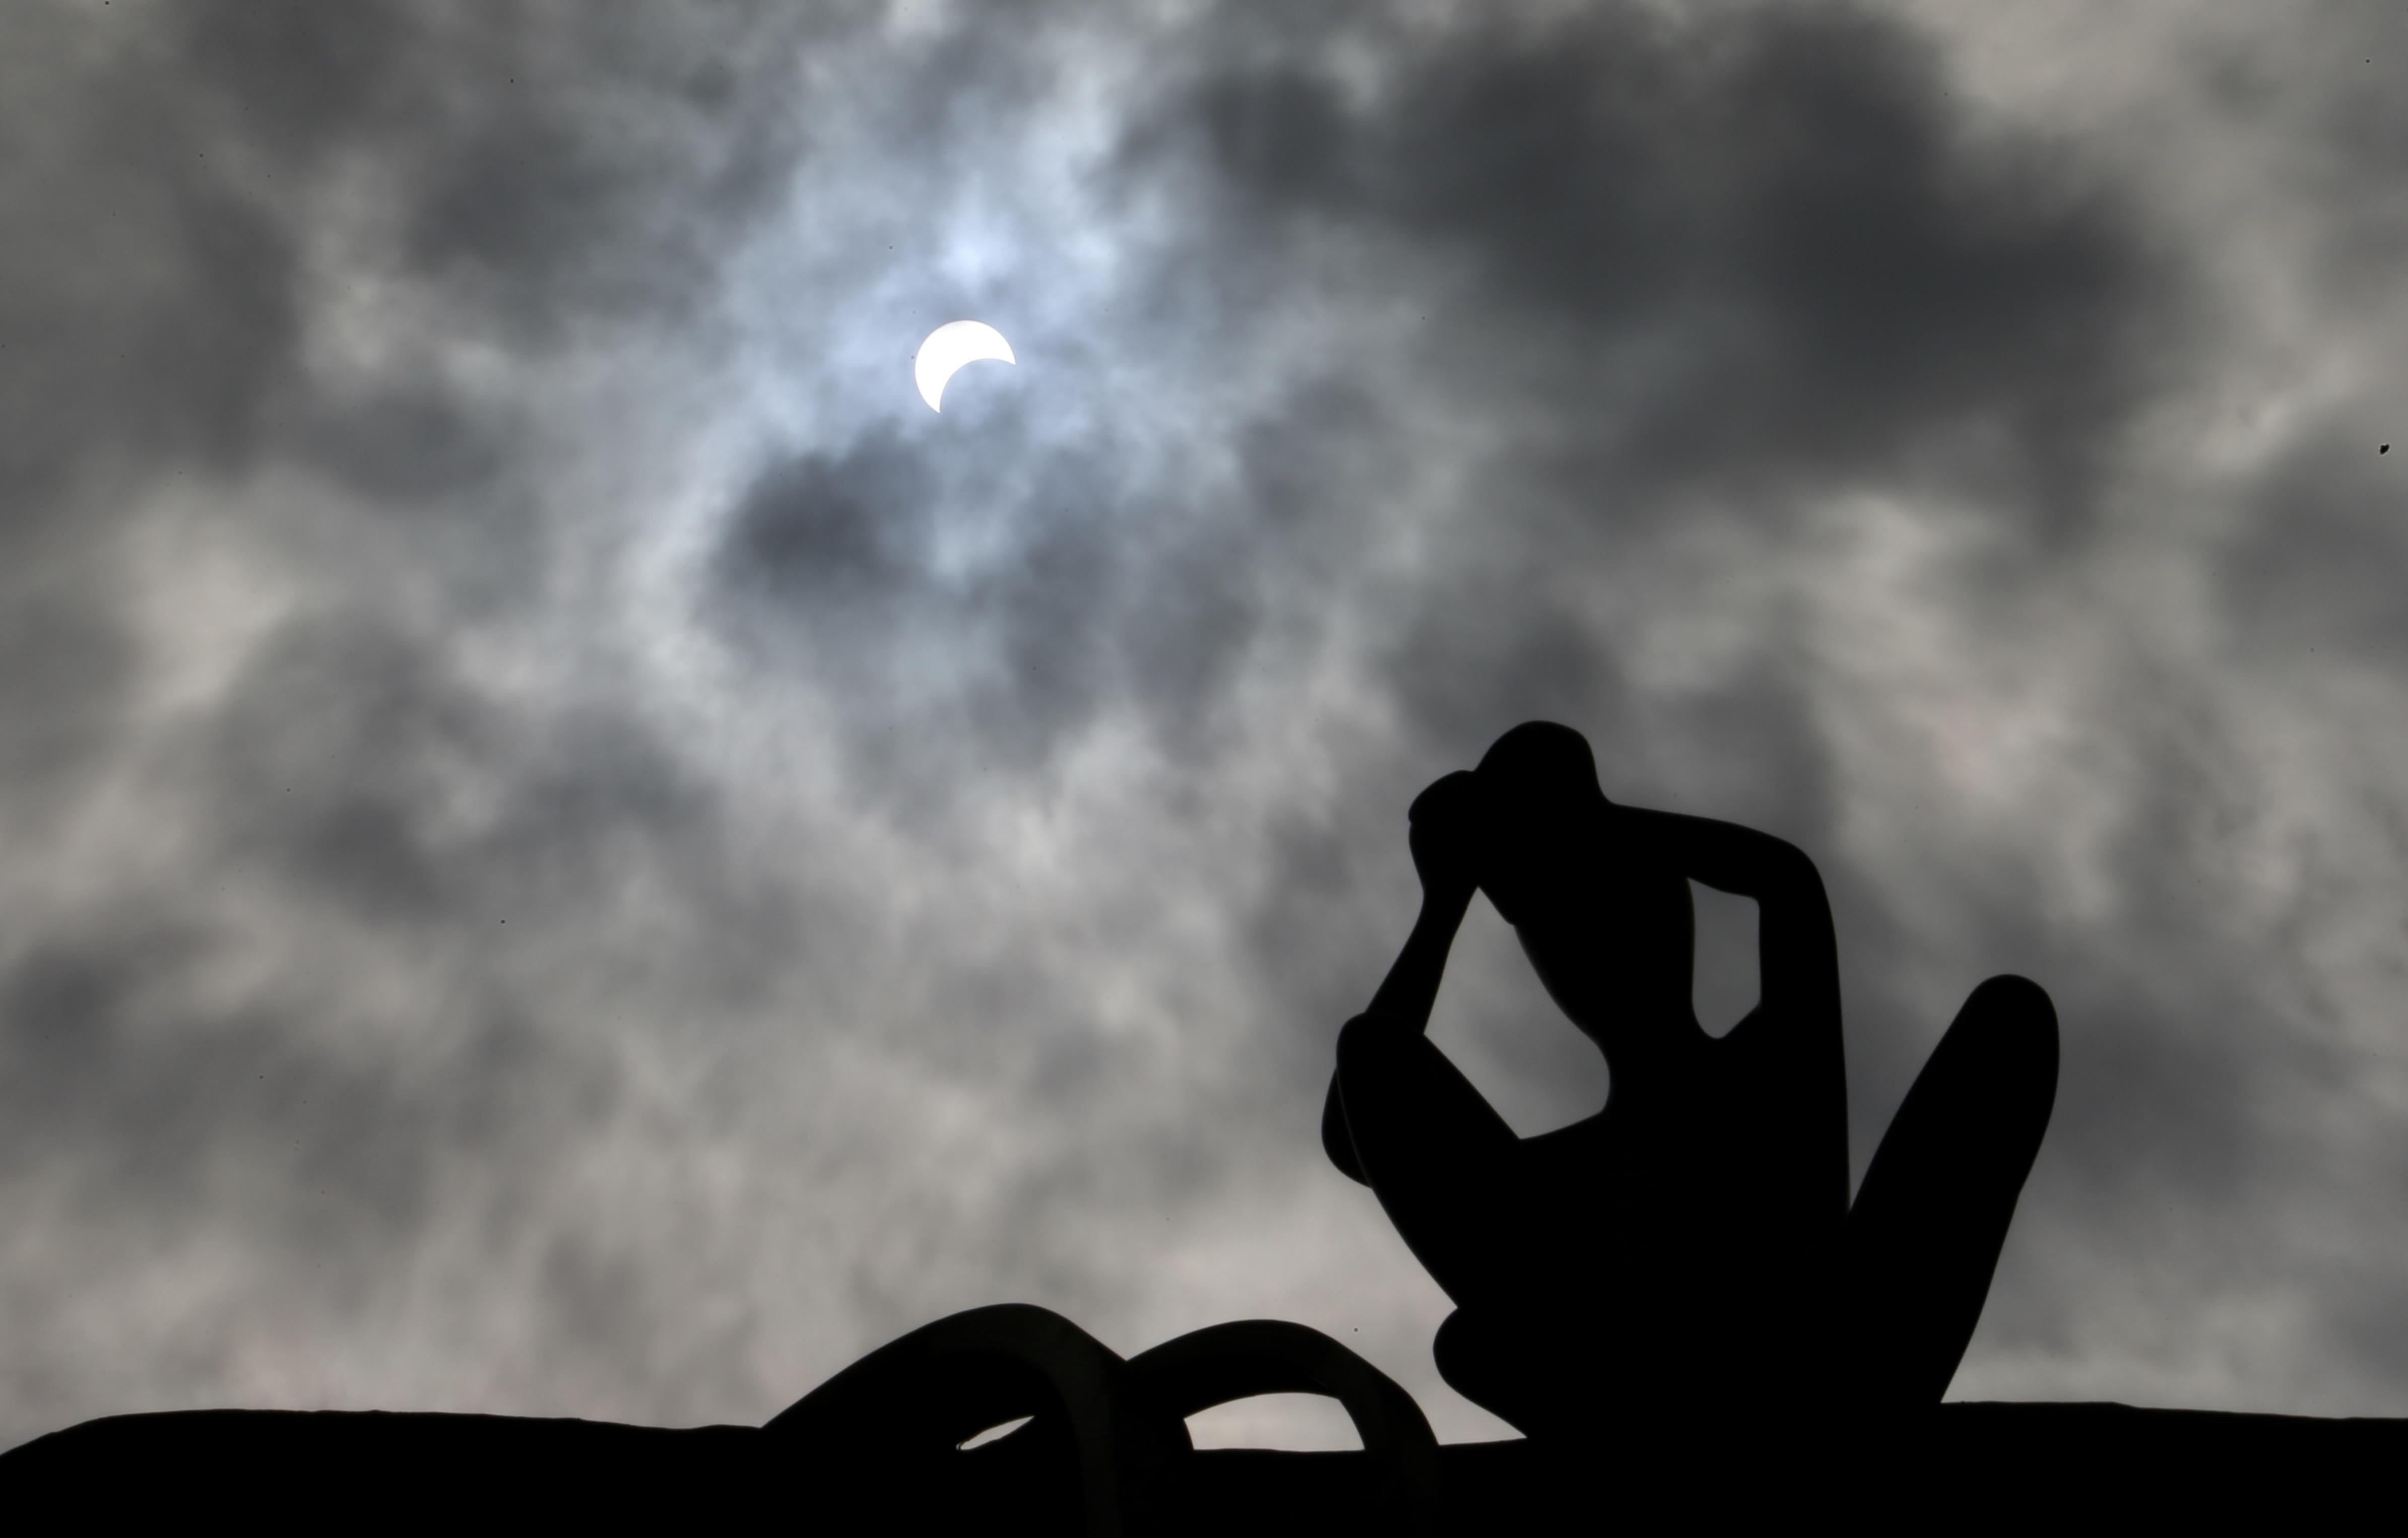 Жители китайского Куньмина наблюдают засолнечным затмением